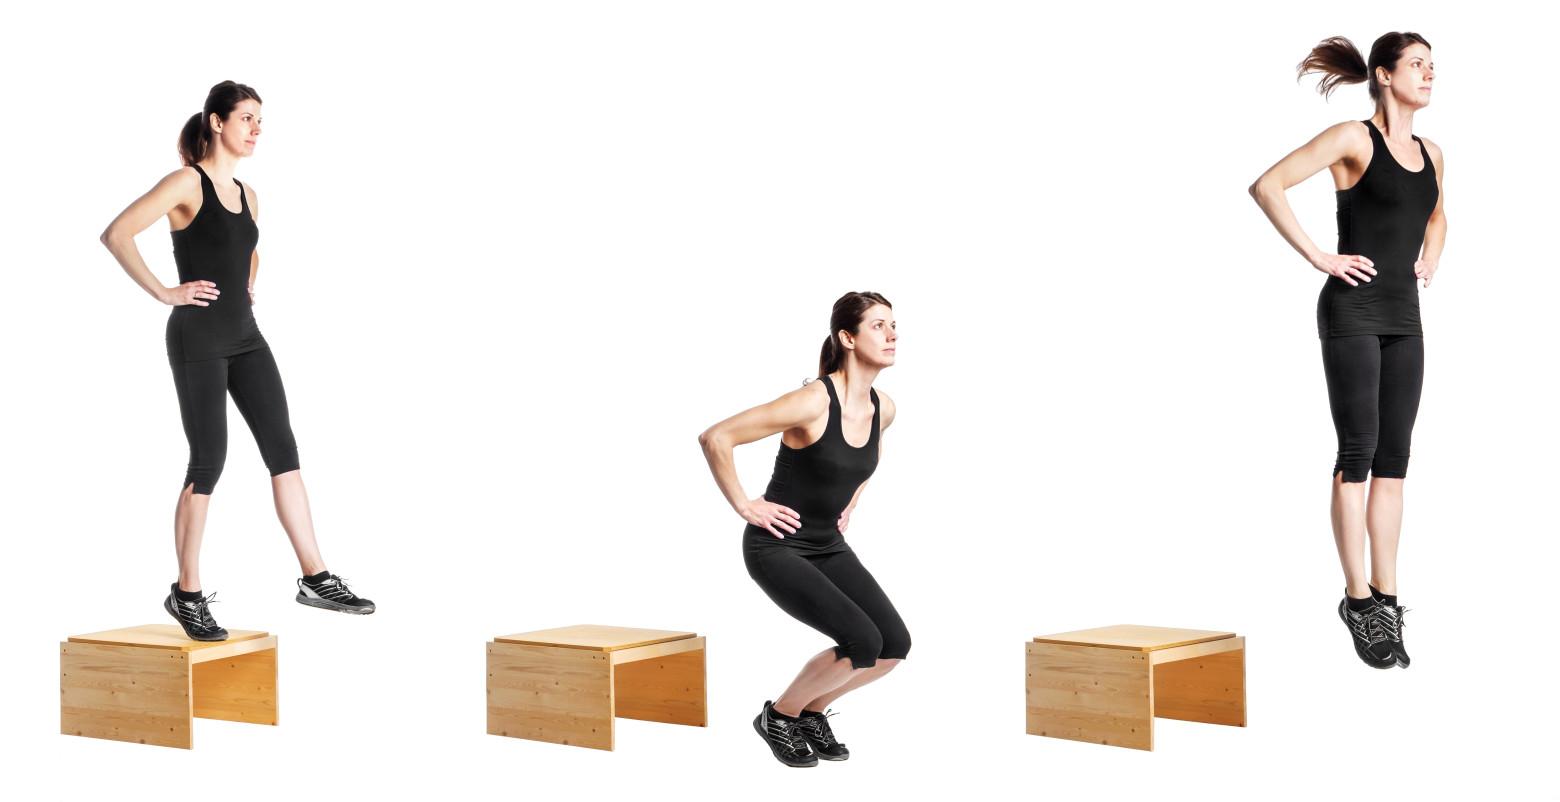 Aumenta la potencia de tu salto con el drop jump